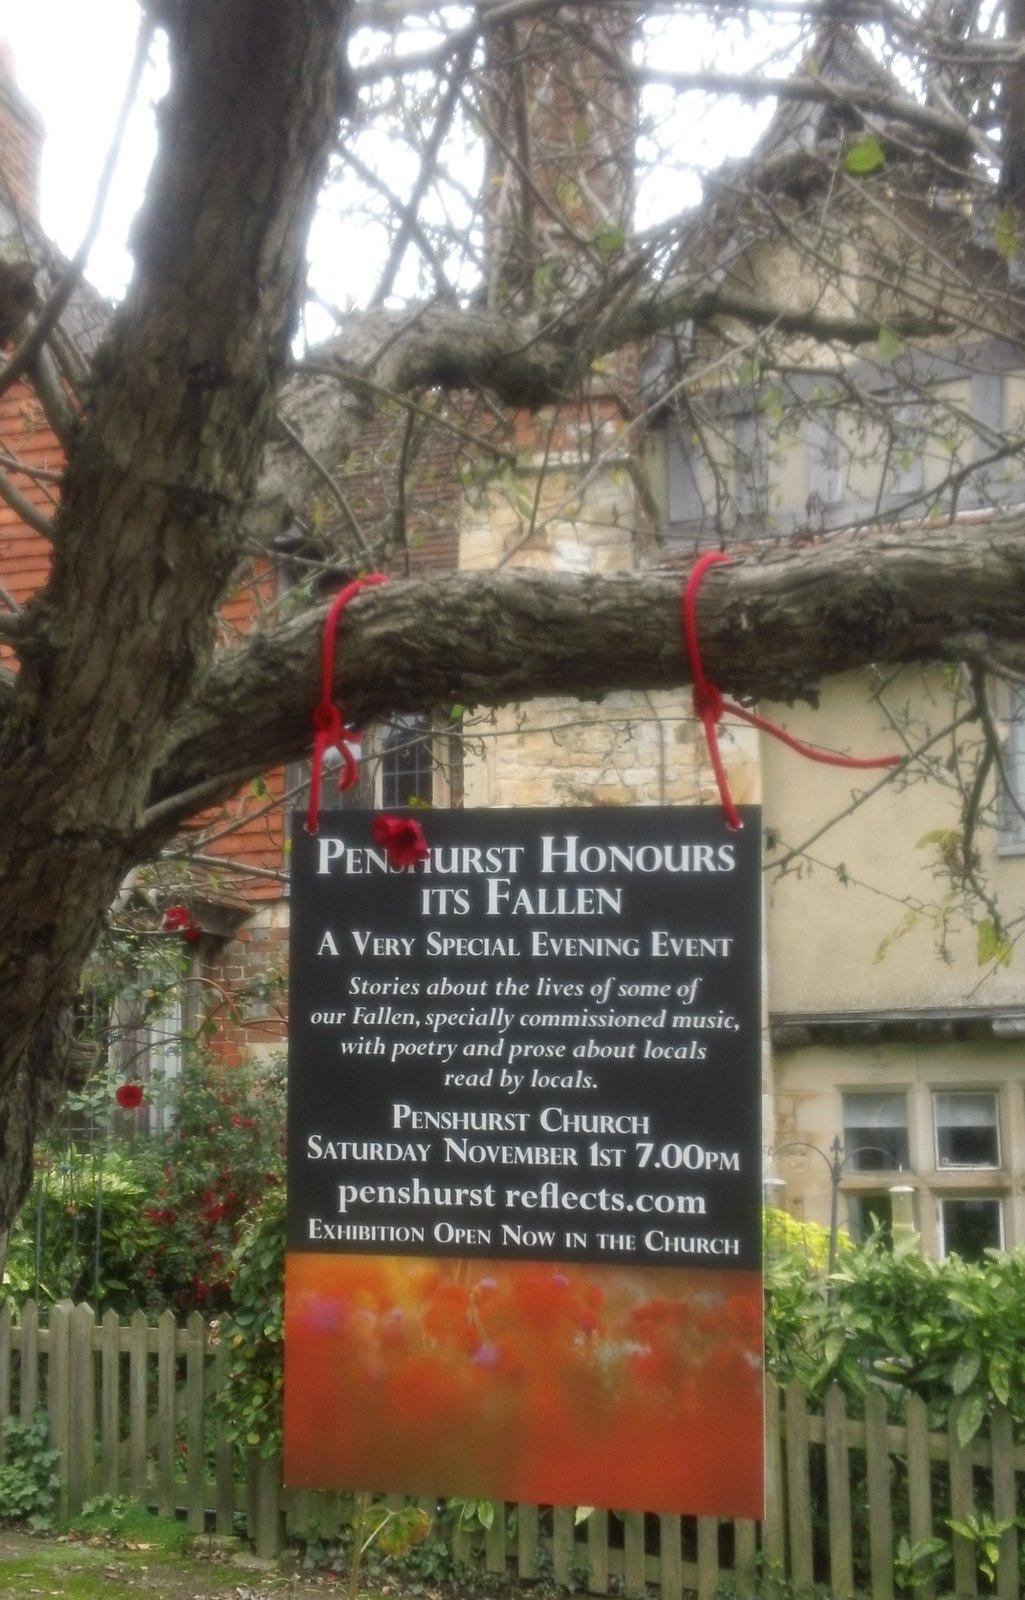 In honour of the Fallen Penshurst, Kent